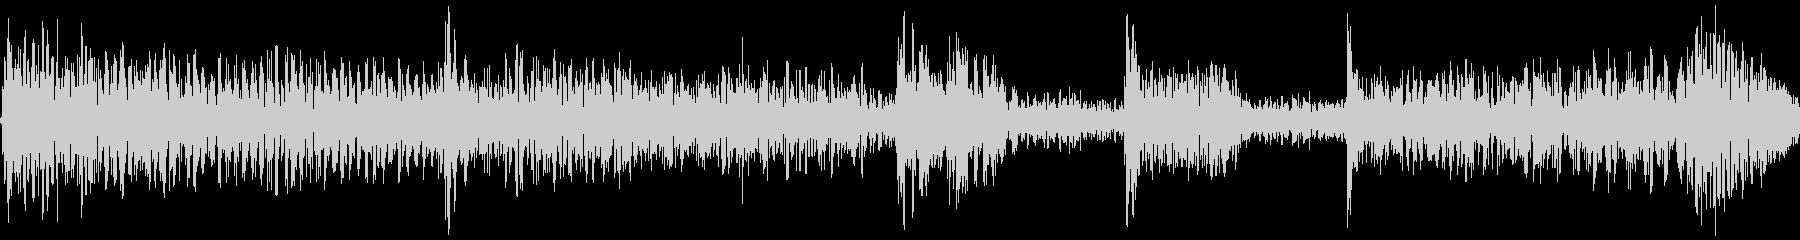 低音がどっしりとしていて重みがあるの未再生の波形